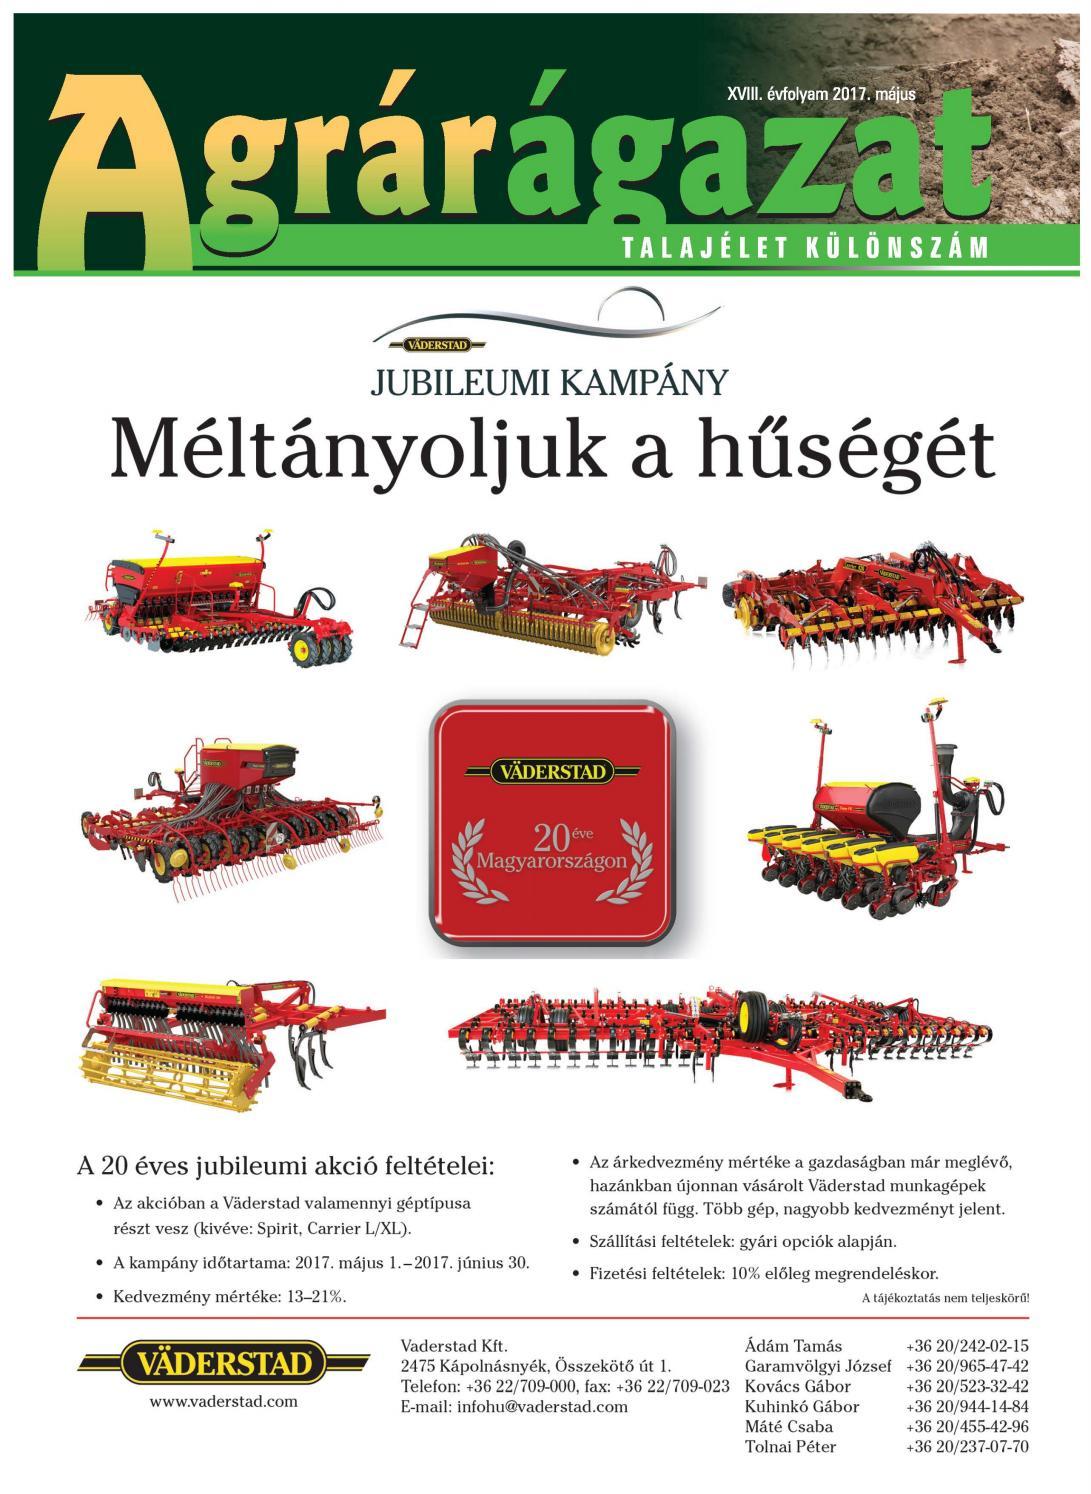 Agrárágazat 2017 Talajélet különszám by Horizont Média Kft. - issuu 611ee6423f